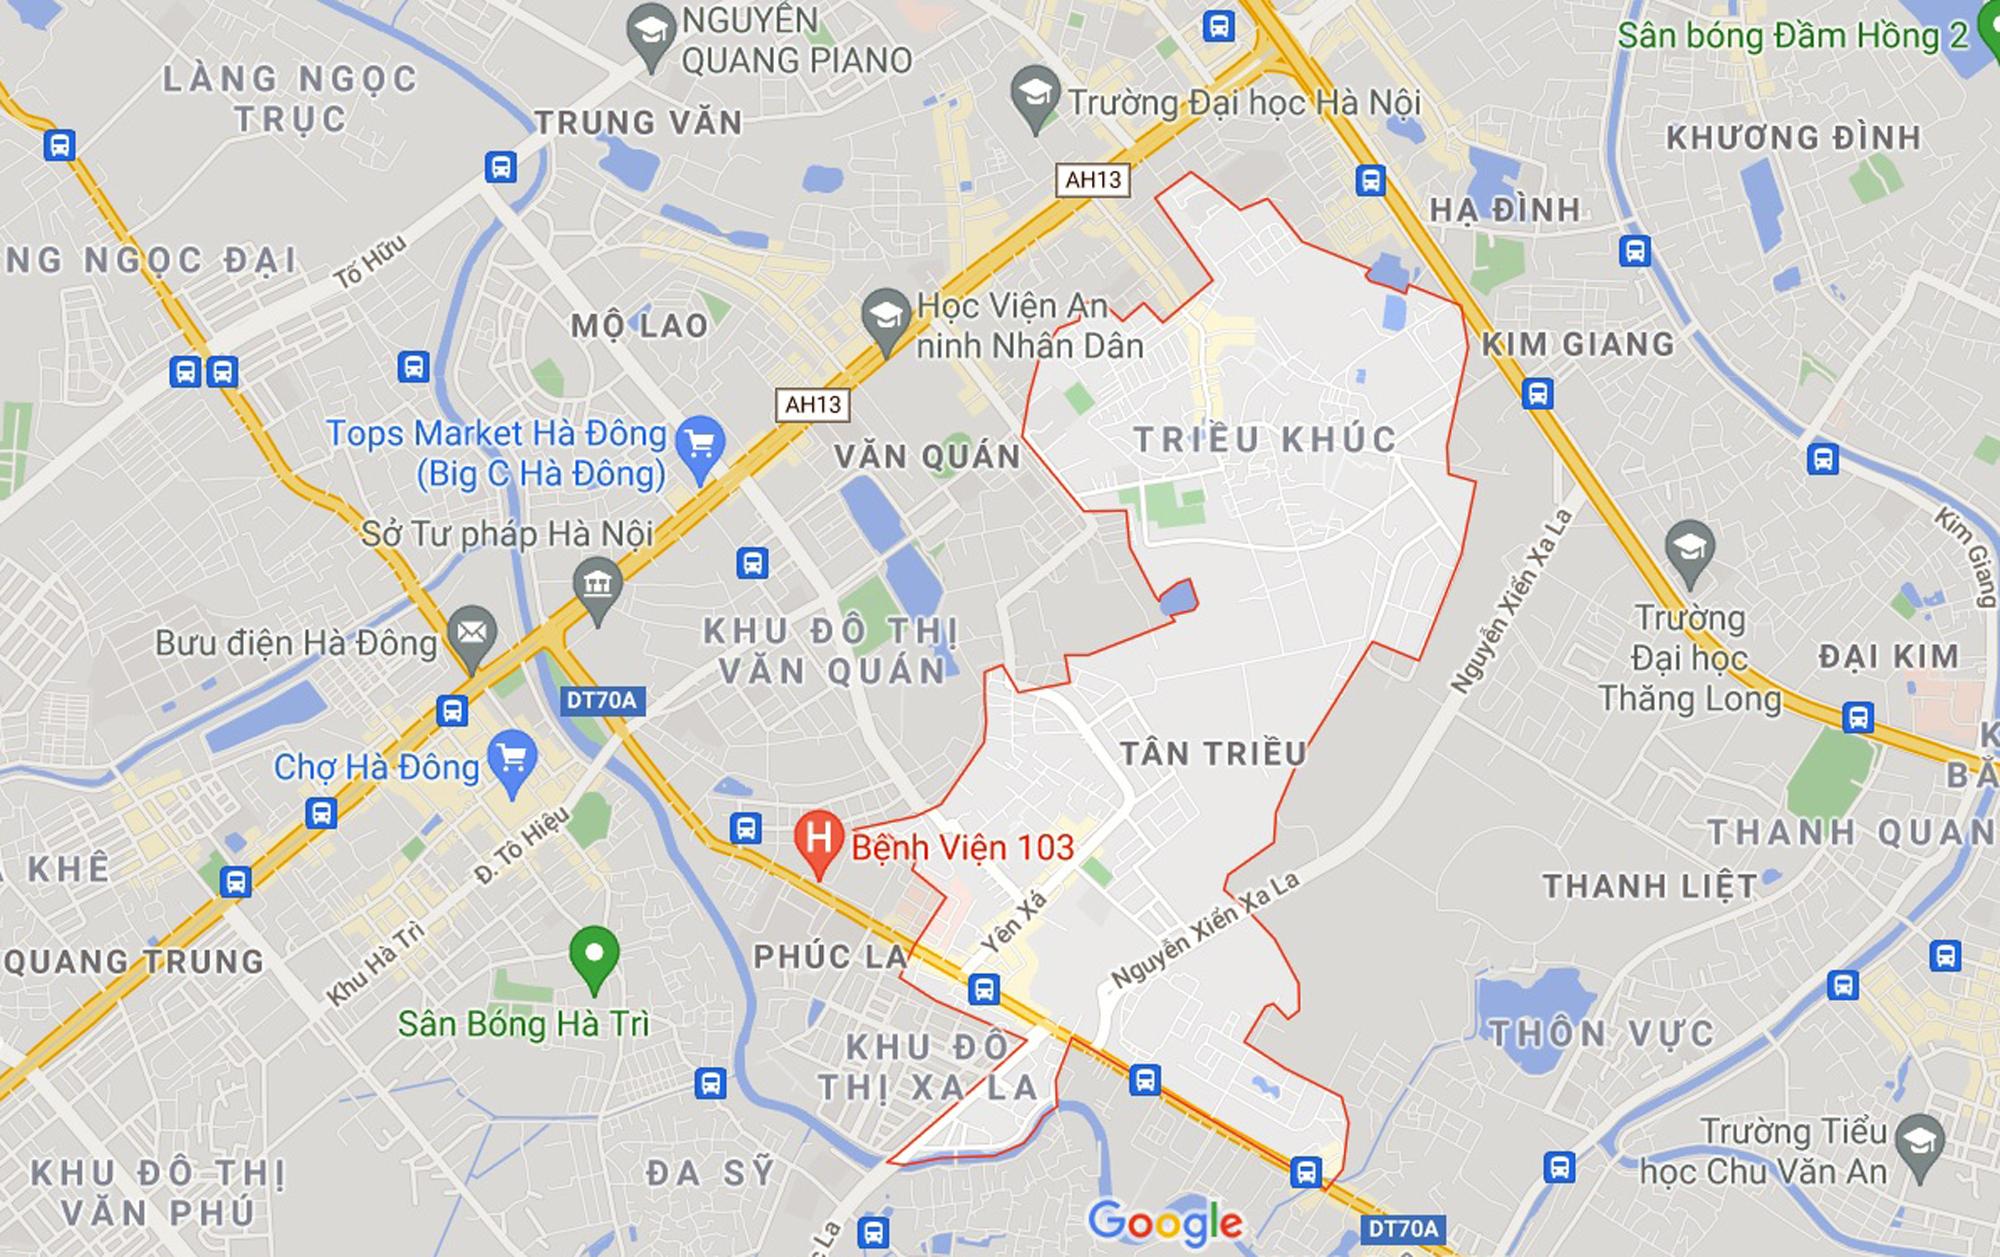 Những khu đất sắp thu hồi để mở đường ở xã Tân Triều, Thanh Trì, Hà Nội (phần 4) - Ảnh 1.